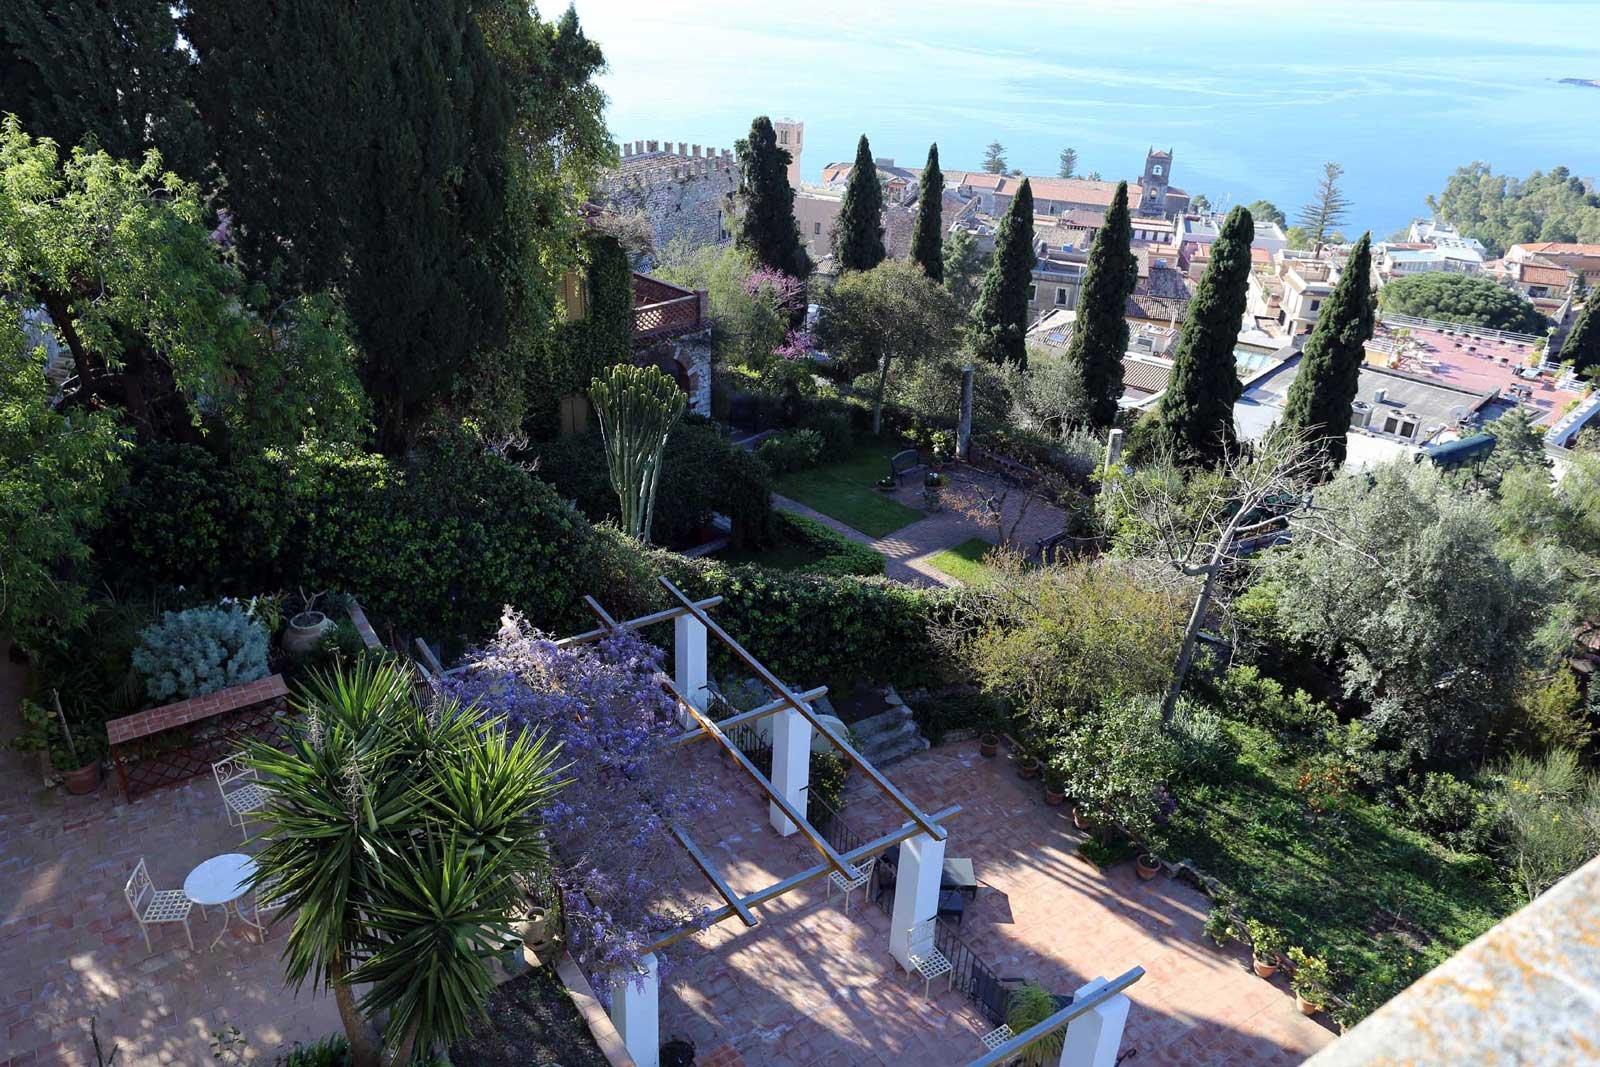 Parchi da visitare in sicilia e sardegna cose di casa - Giardini di casa ...